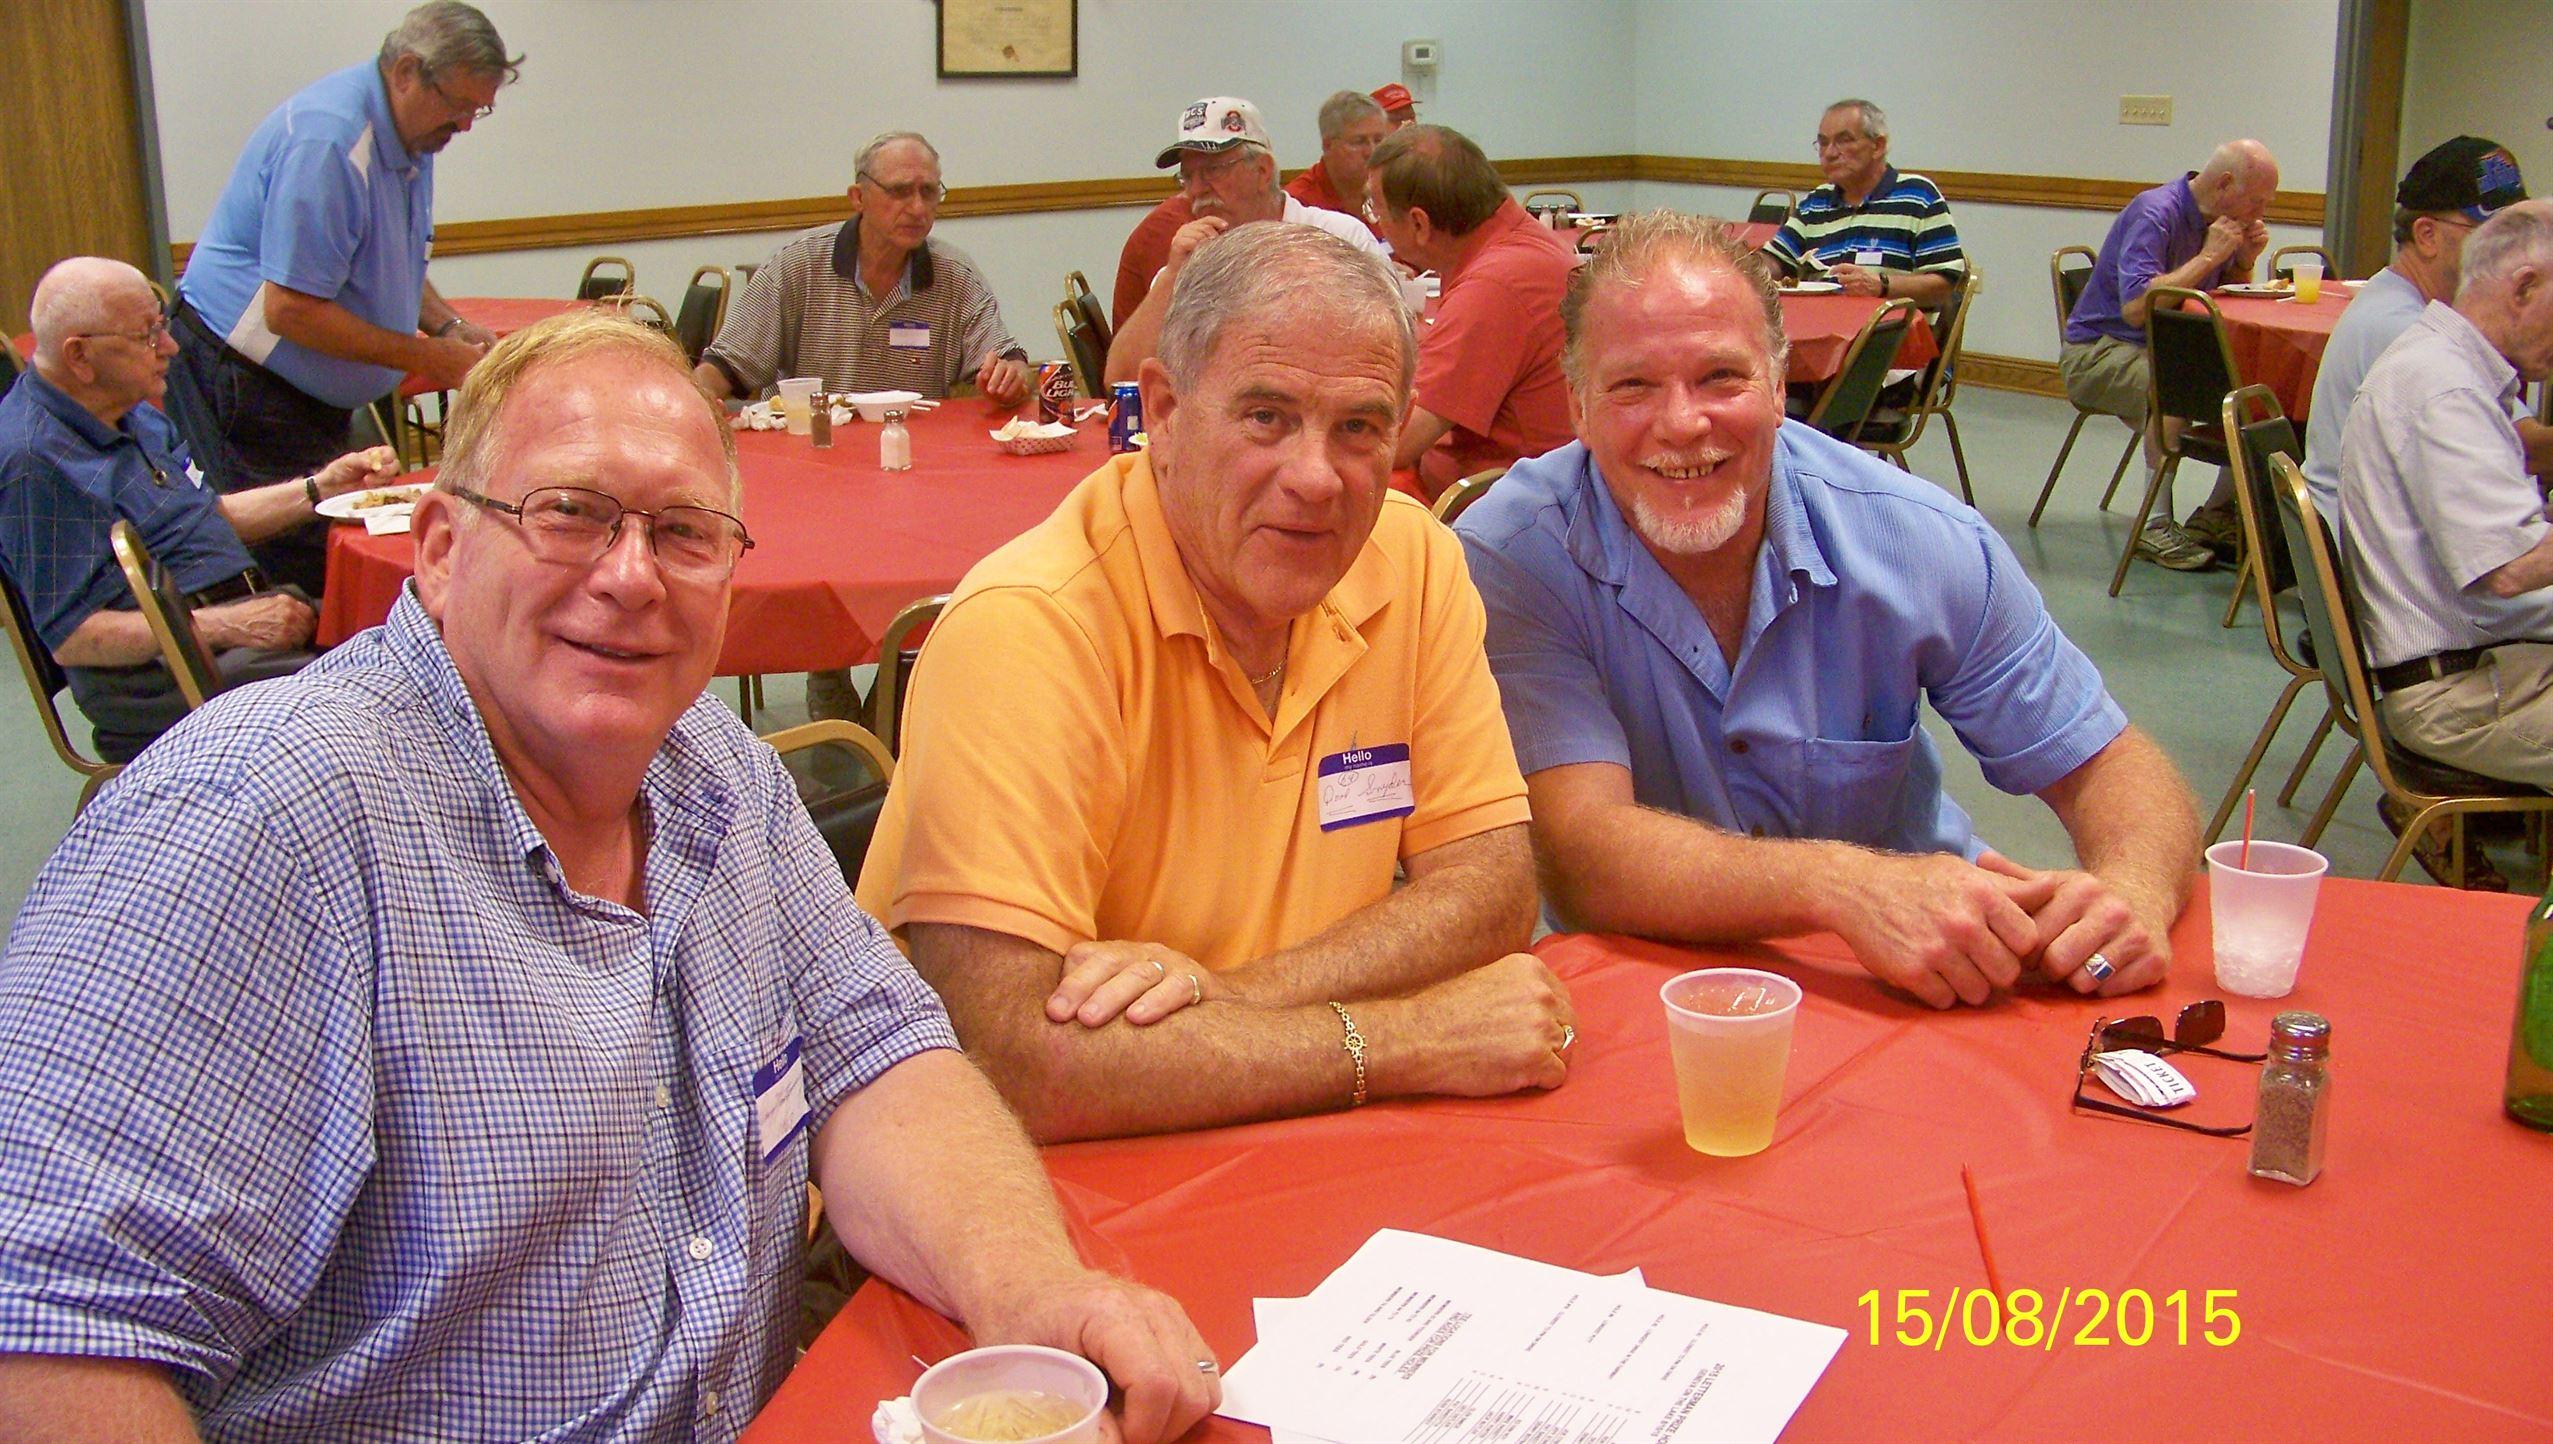 Doug Montgomery, Dave Snyder, John Montgomery